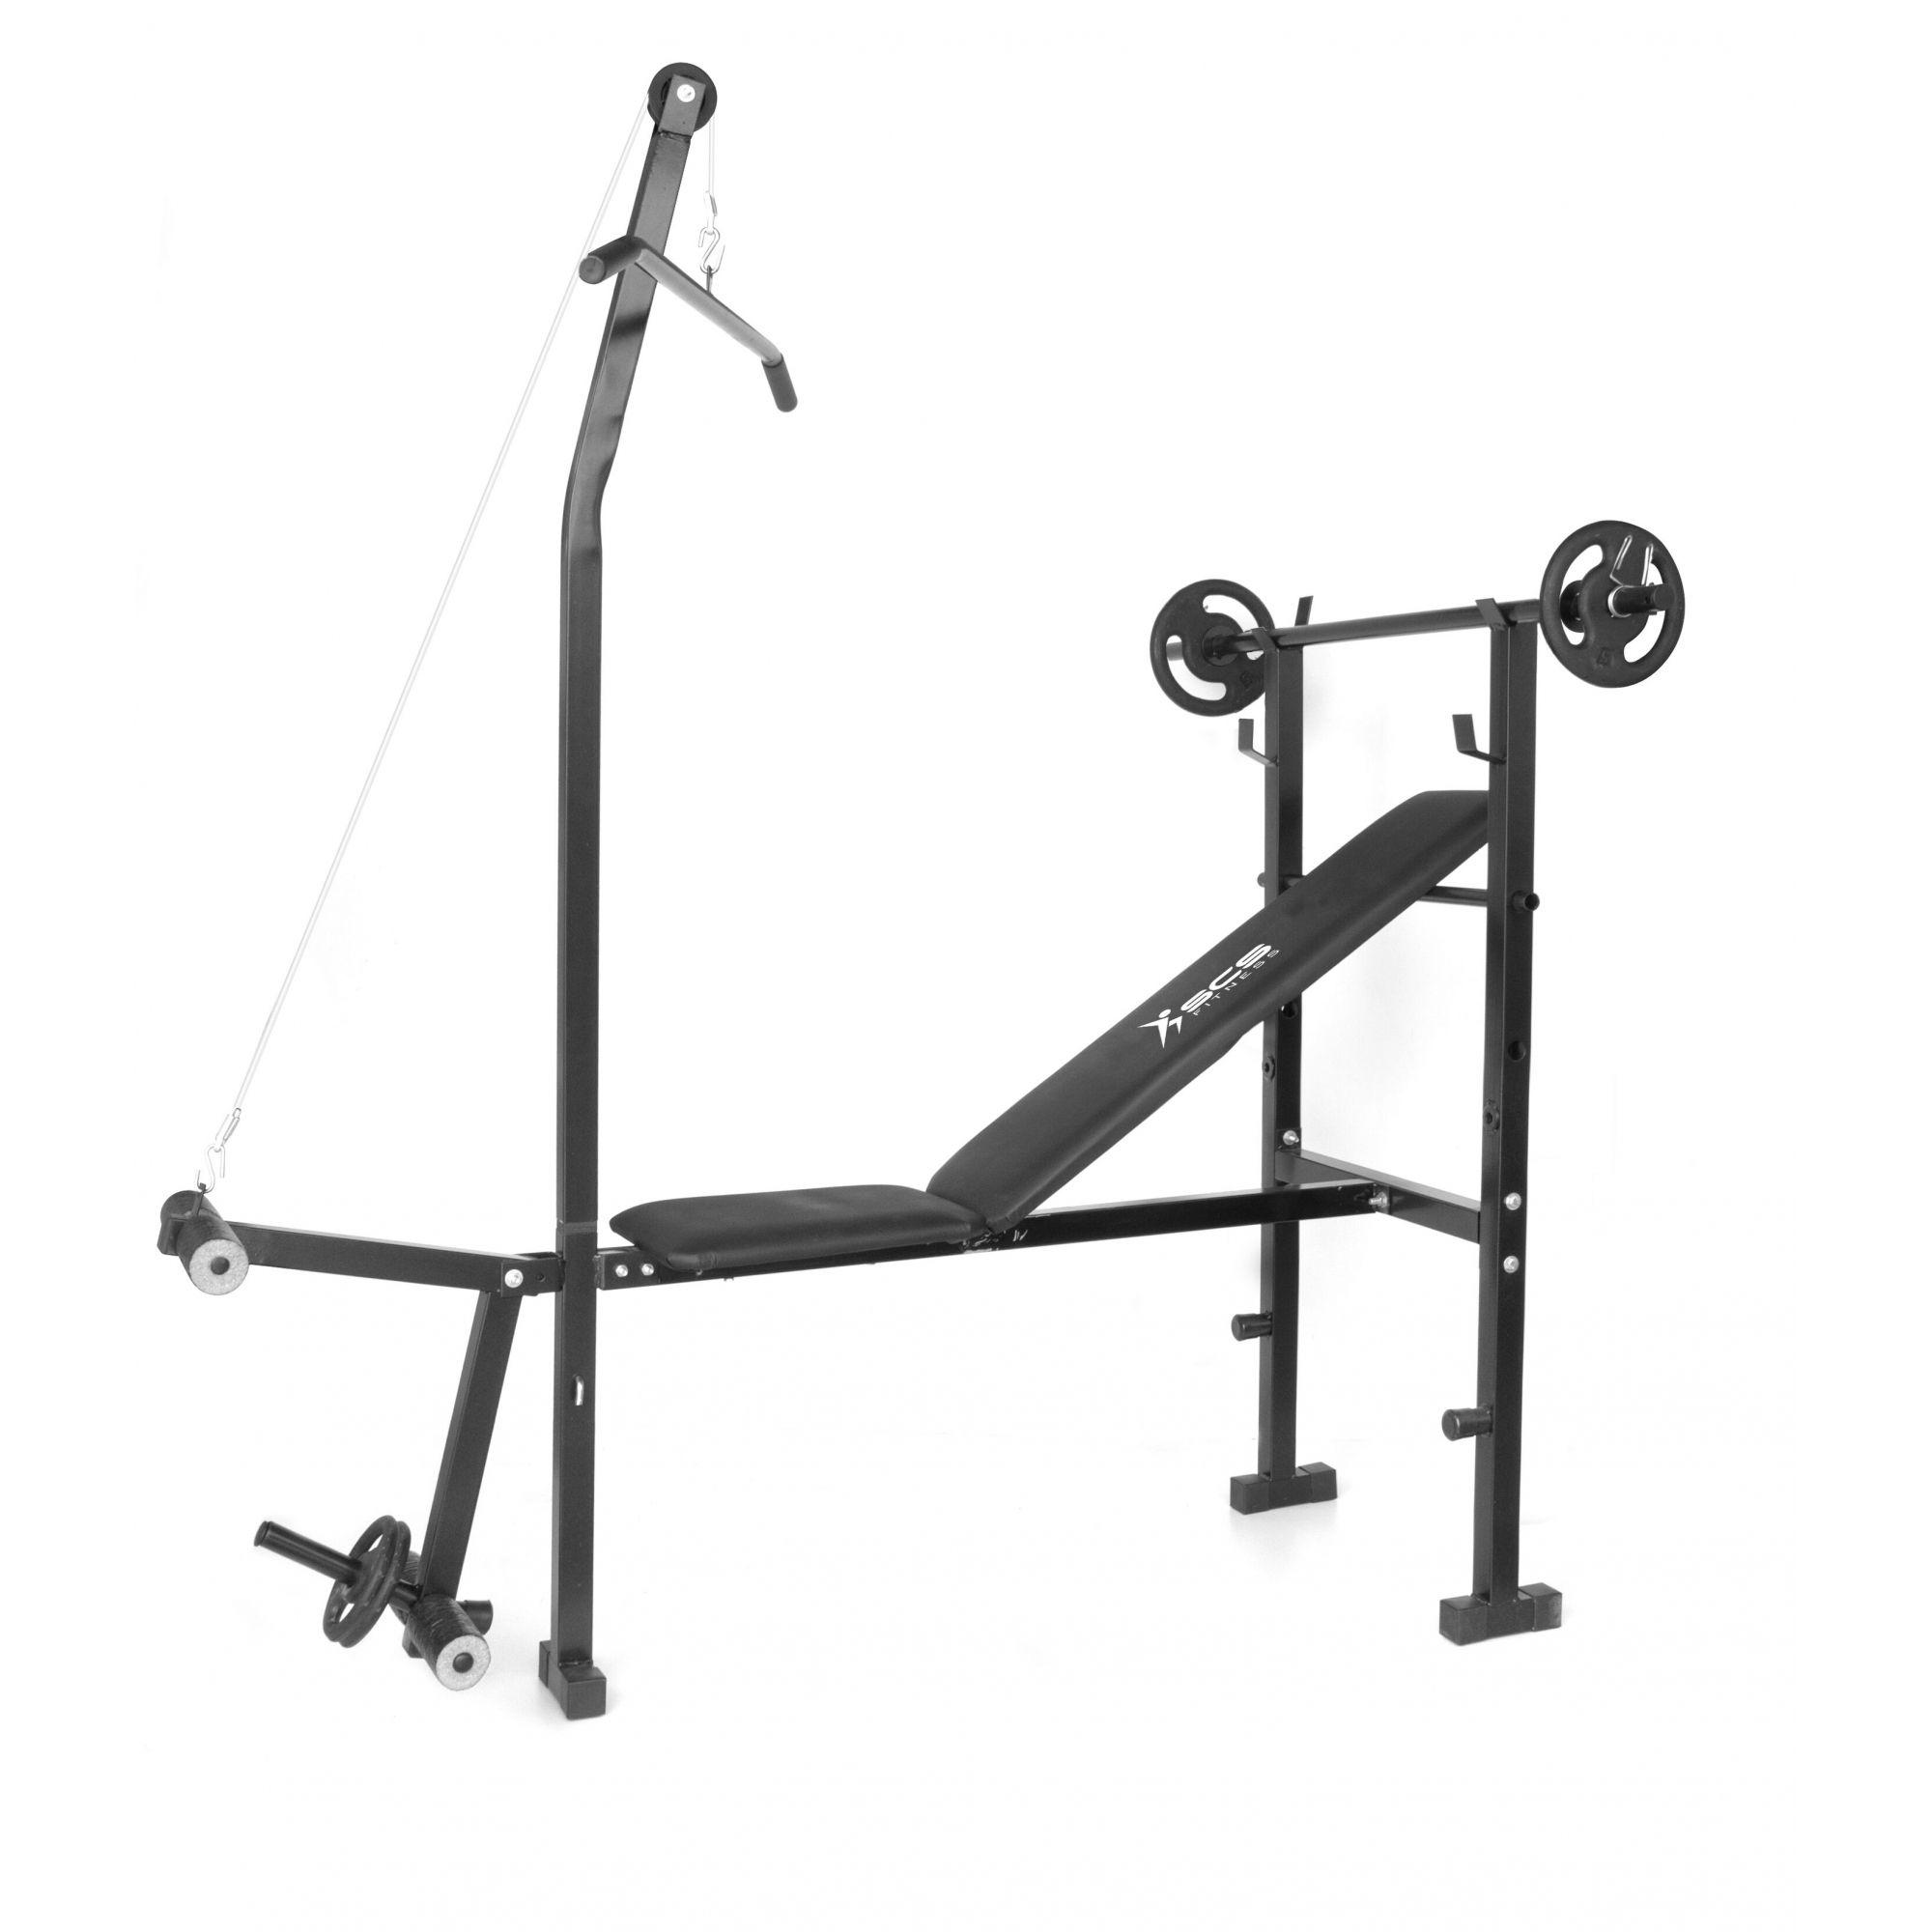 Estação de Musculação Star Gym S400 - Sem anilhas - Loja Portal